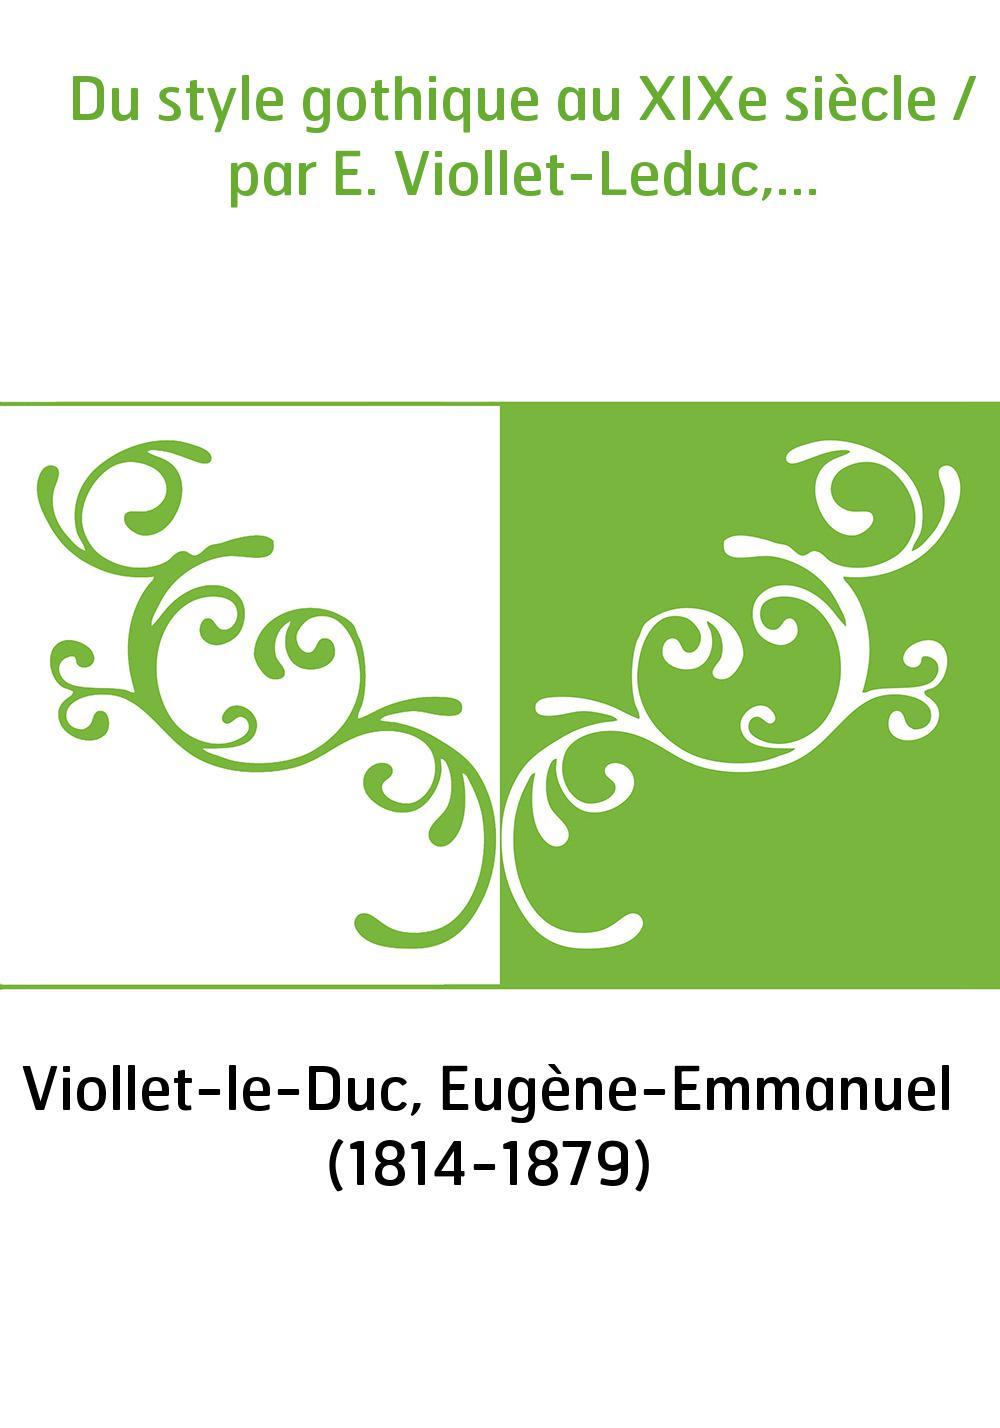 Du style gothique au XIXe siècle / par E. Viollet-Leduc,...